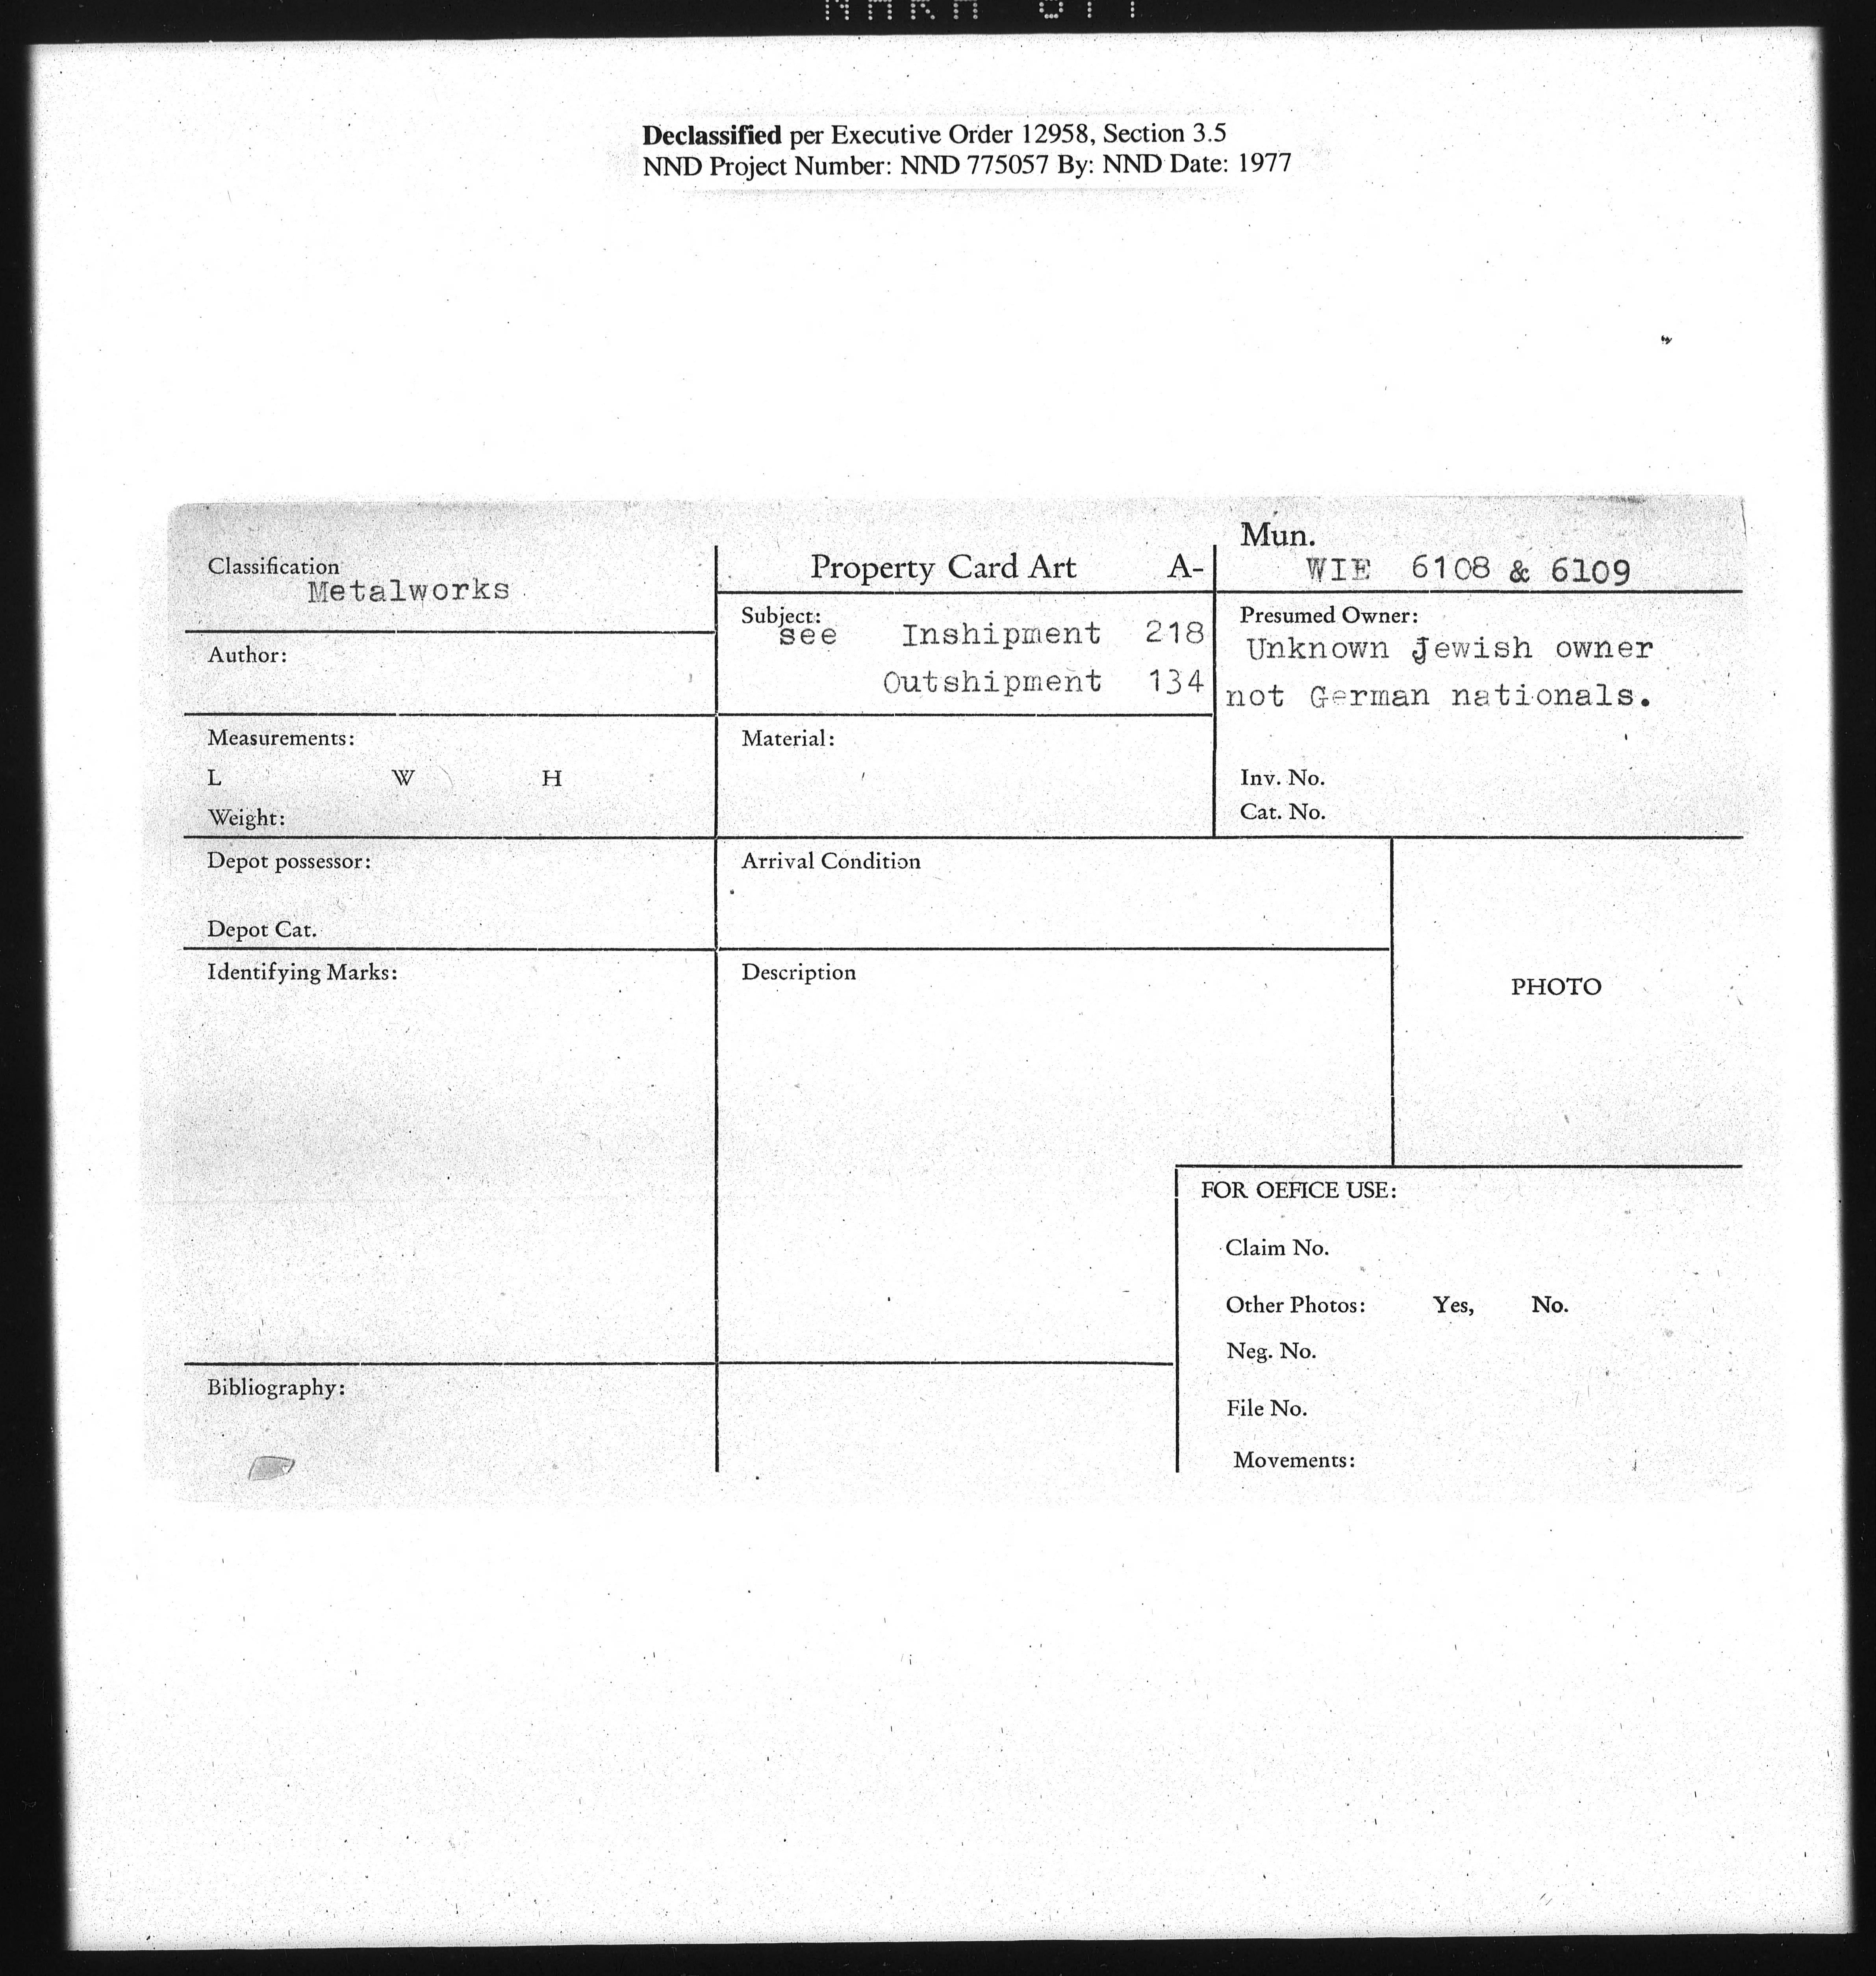 Metalworks: WIE 6108 & 6109, See Inshipment 218 Outshipment 134